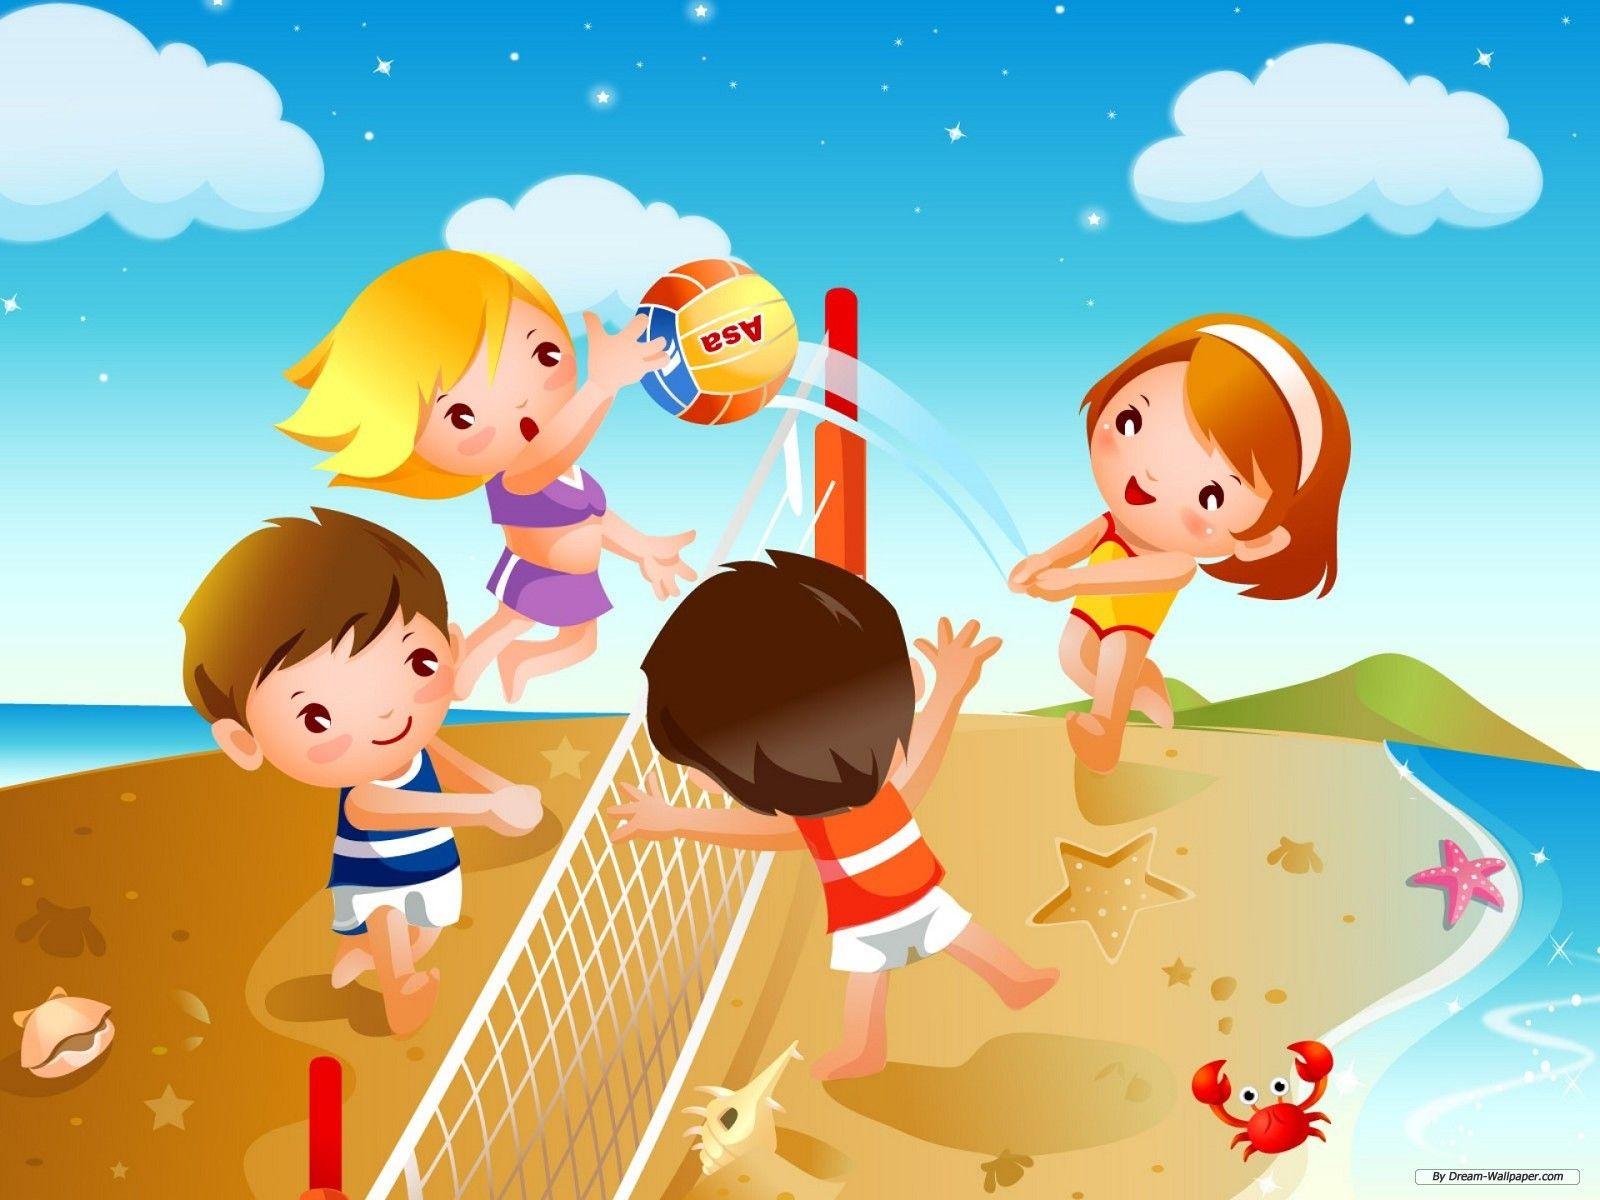 httpwwwdream wallpapercomcartoon wallpaper - Cartoon Picture Of Children